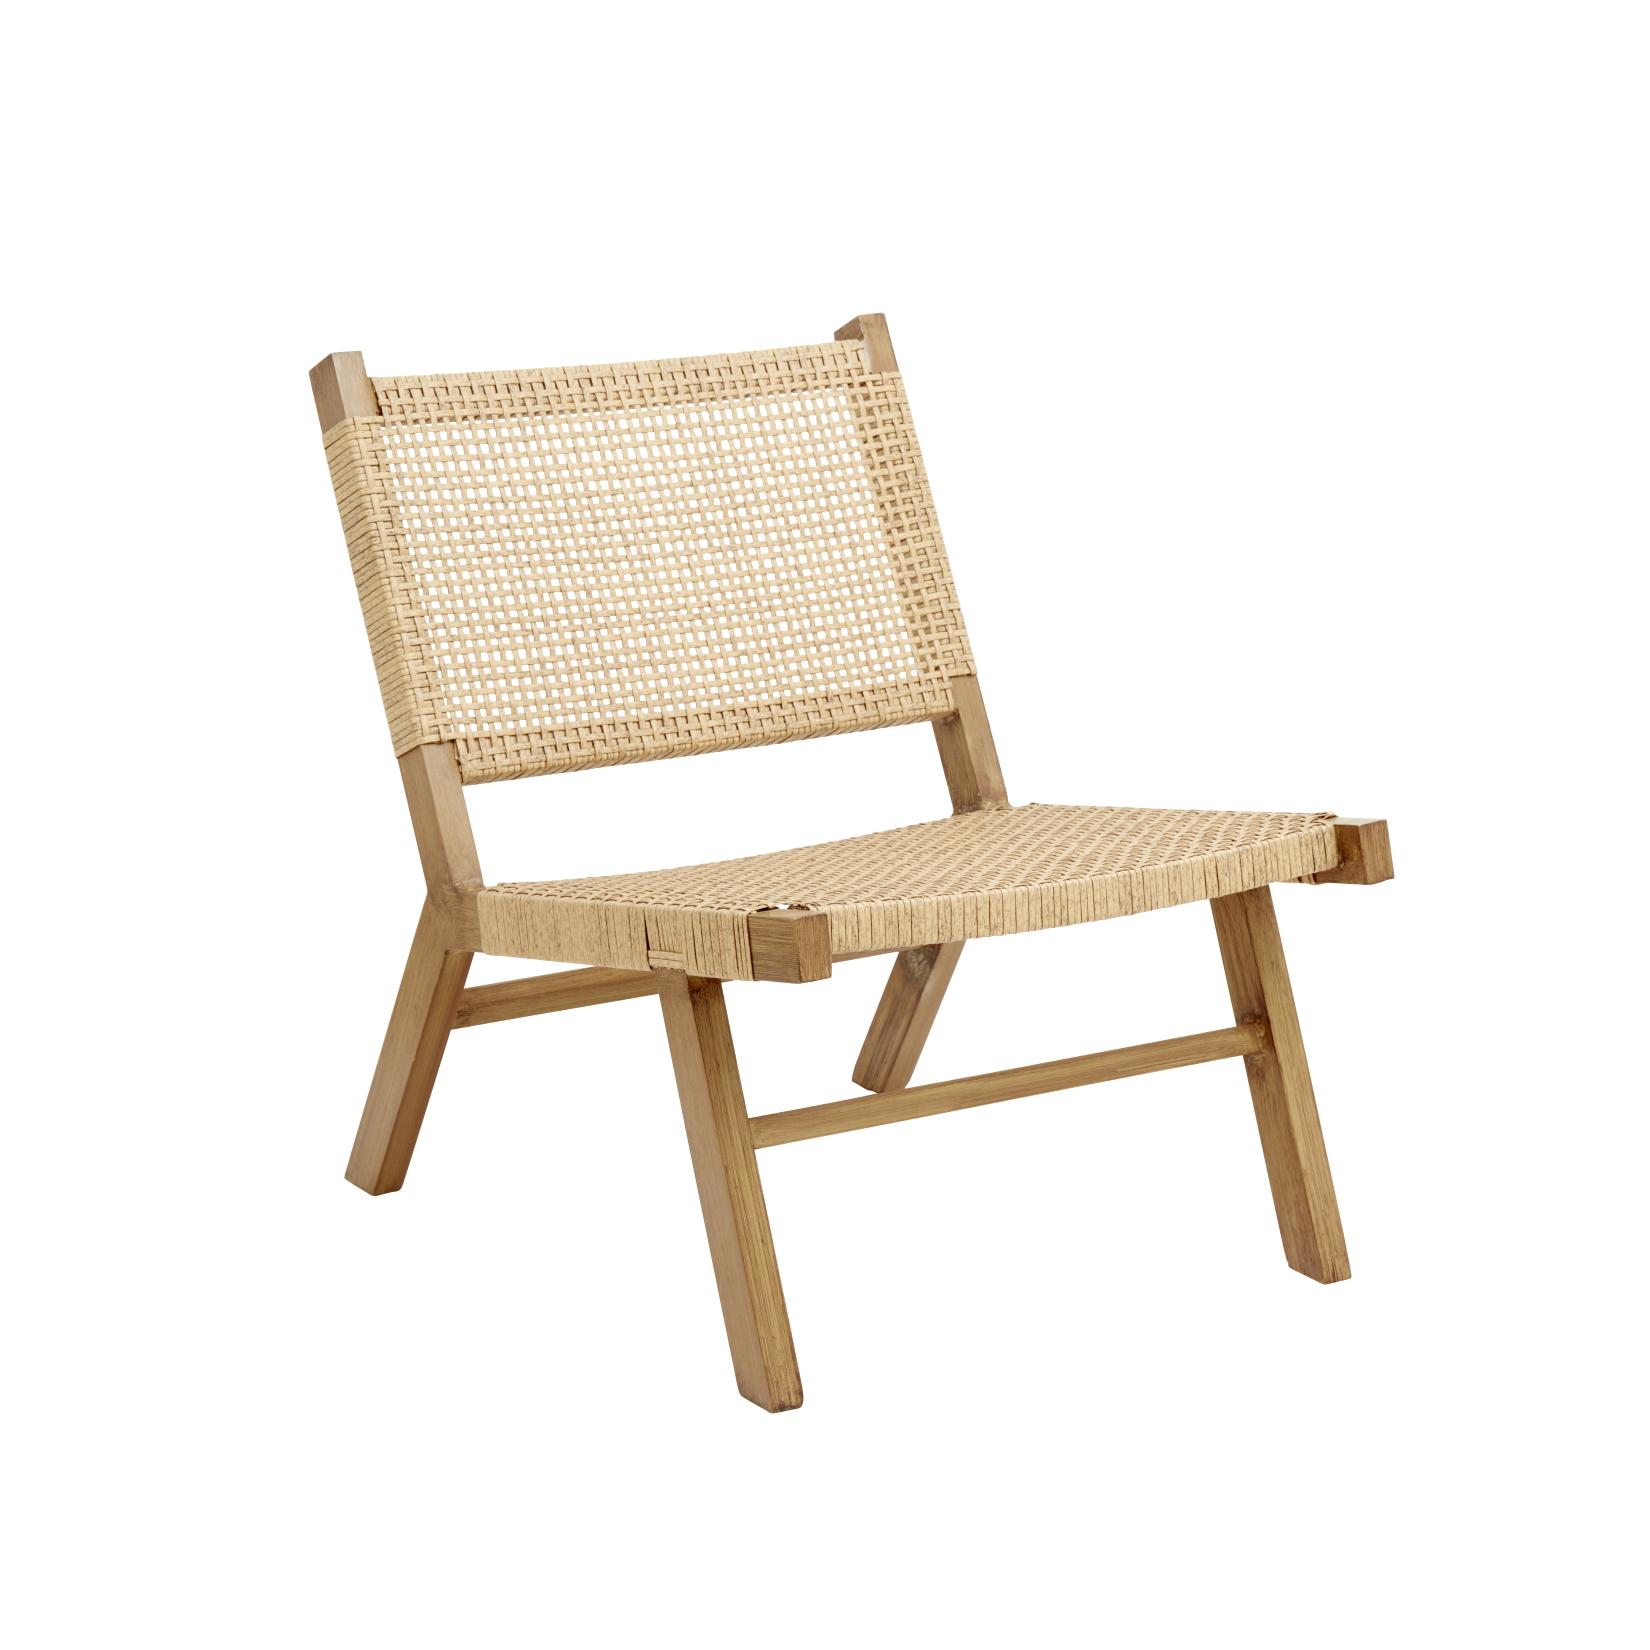 Lounge stol VASAI utomhus konstrotting, Nordal